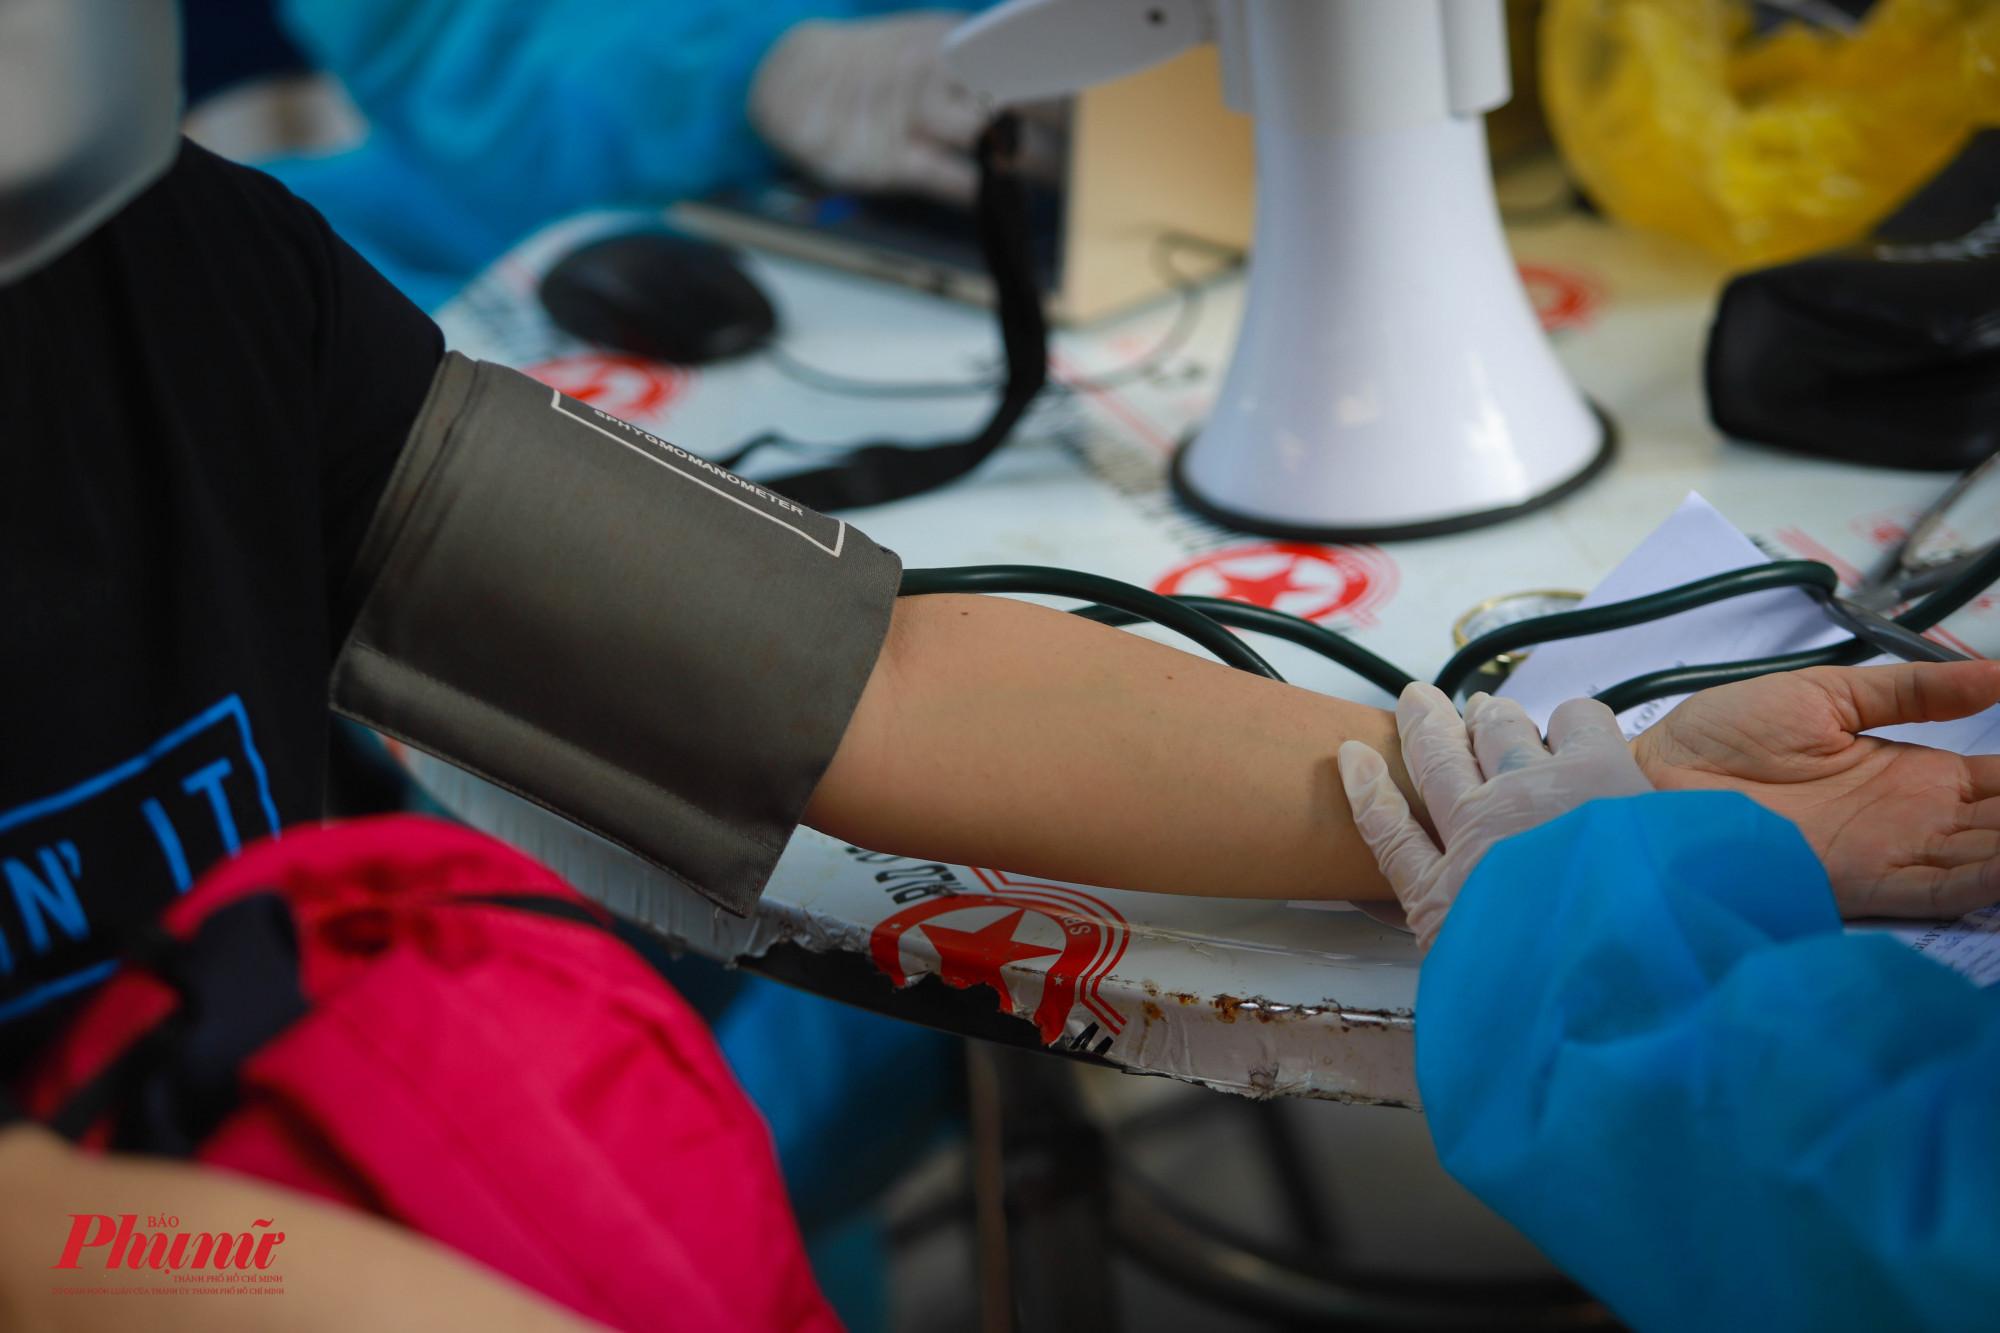 Nhiều trường hợp huyết áp cao, được nhân viên y tế kiểm tra lại nhiều lần trước khi tiêm